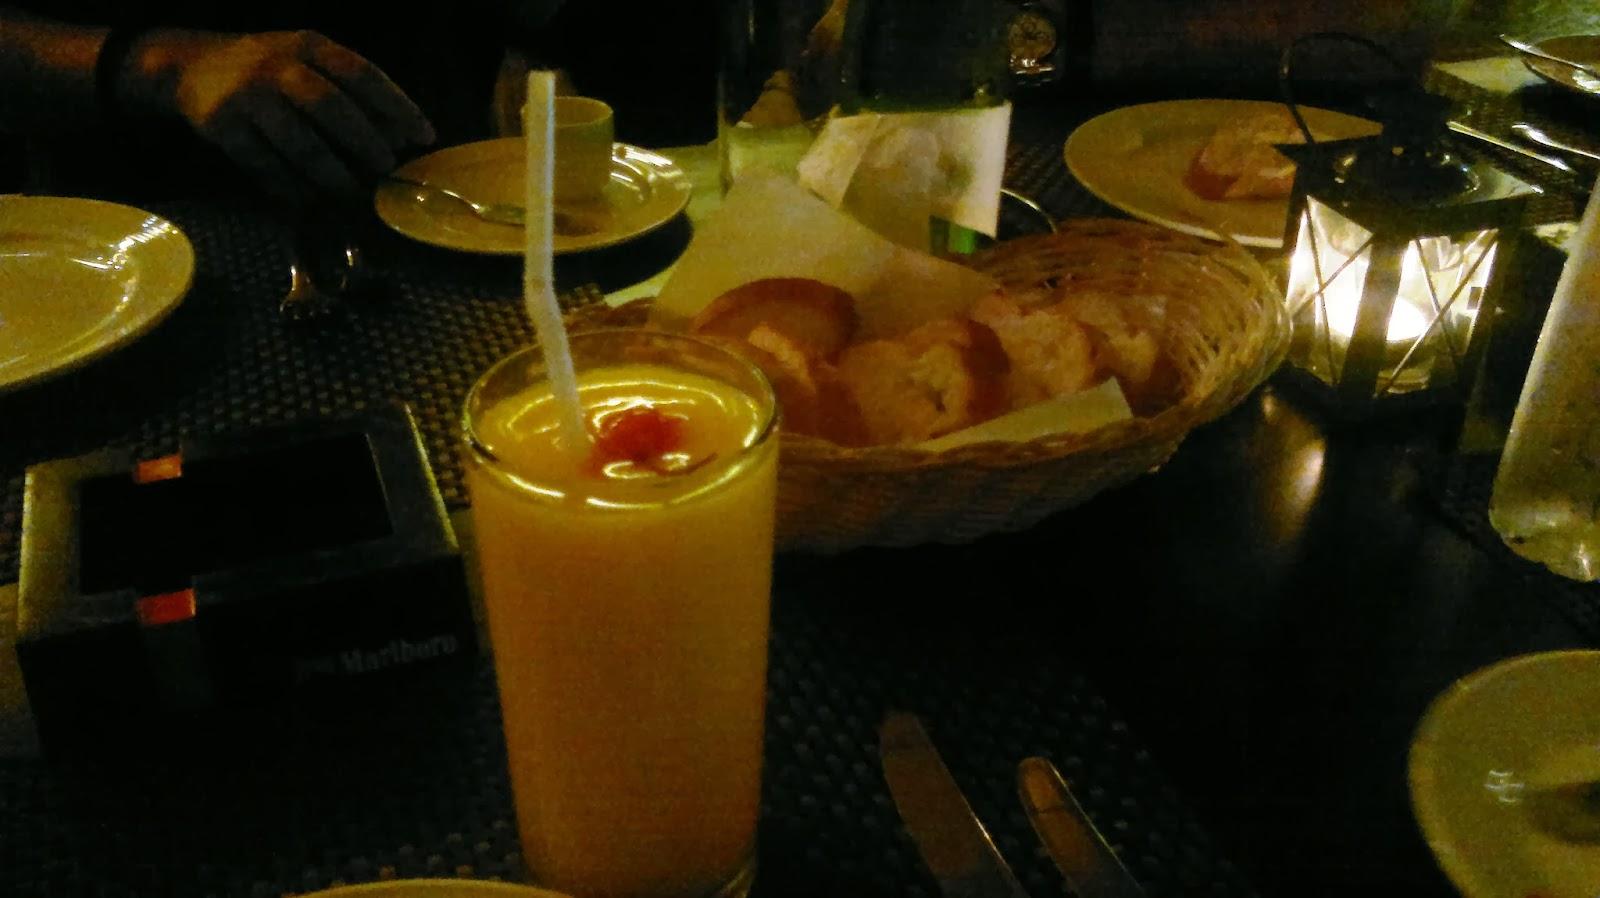 Christmas dinner at nuvo bar greenbelt 2 makati city for Restaurants serving christmas dinner